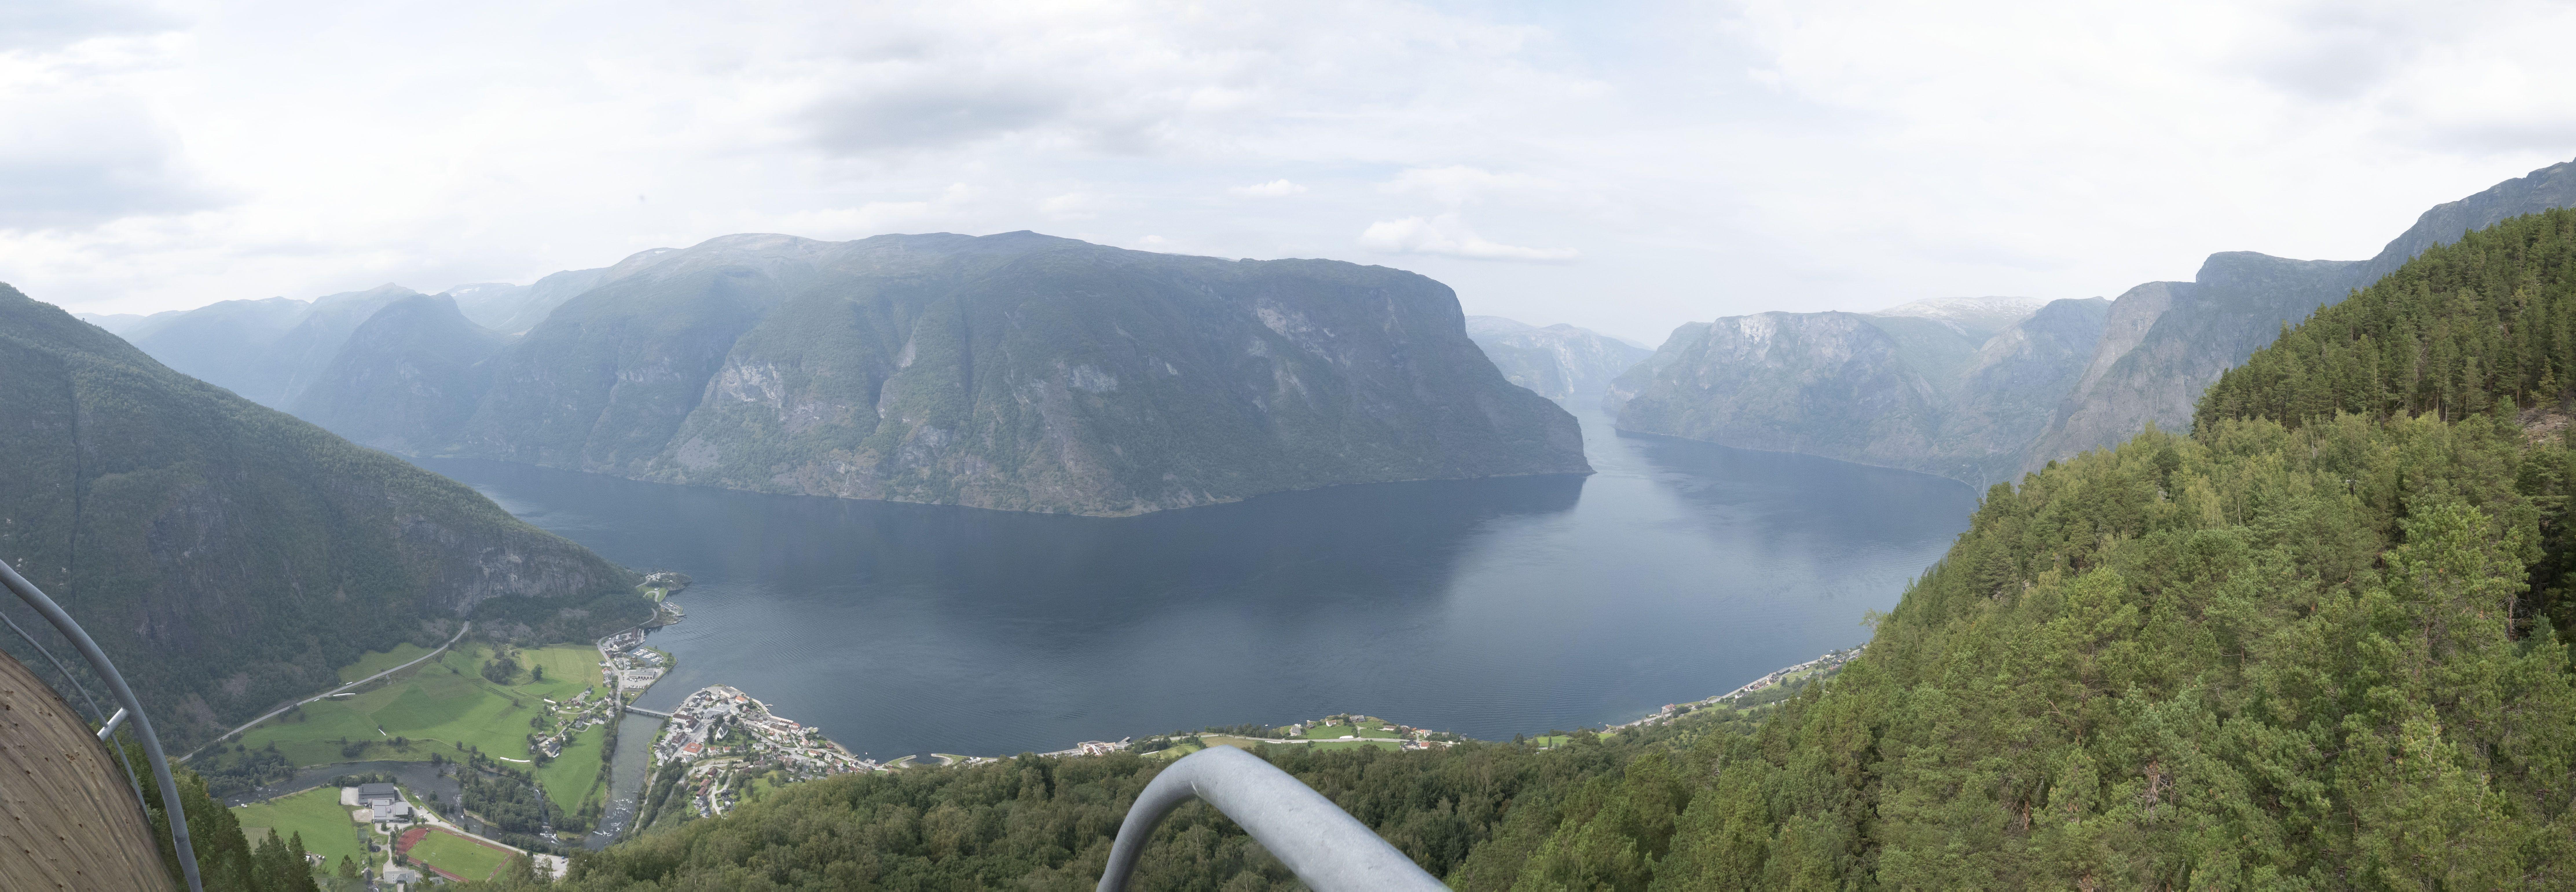 Stegastein panorama view